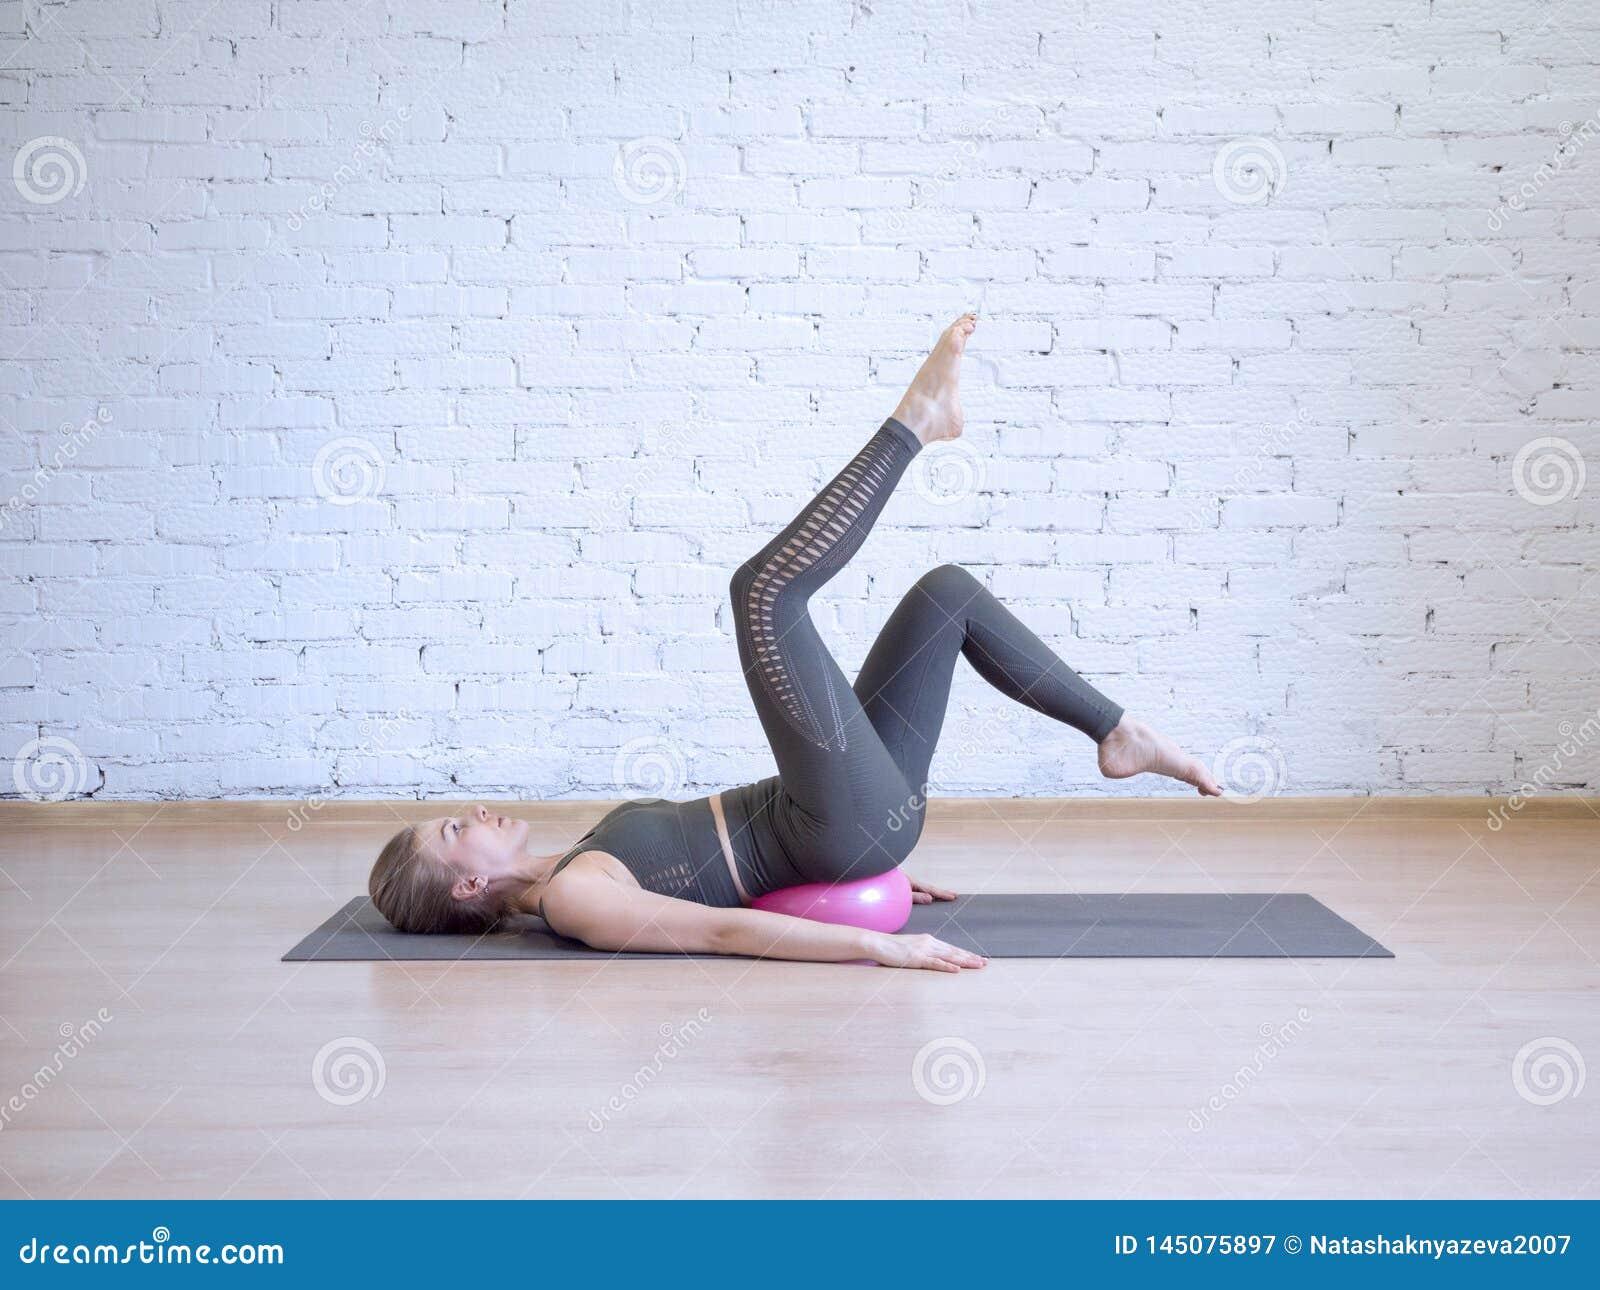 Όμορφη γυναίκα του Yong που κάνει pilates workout με τη μικρή ρόδινη σφαίρα ικαν